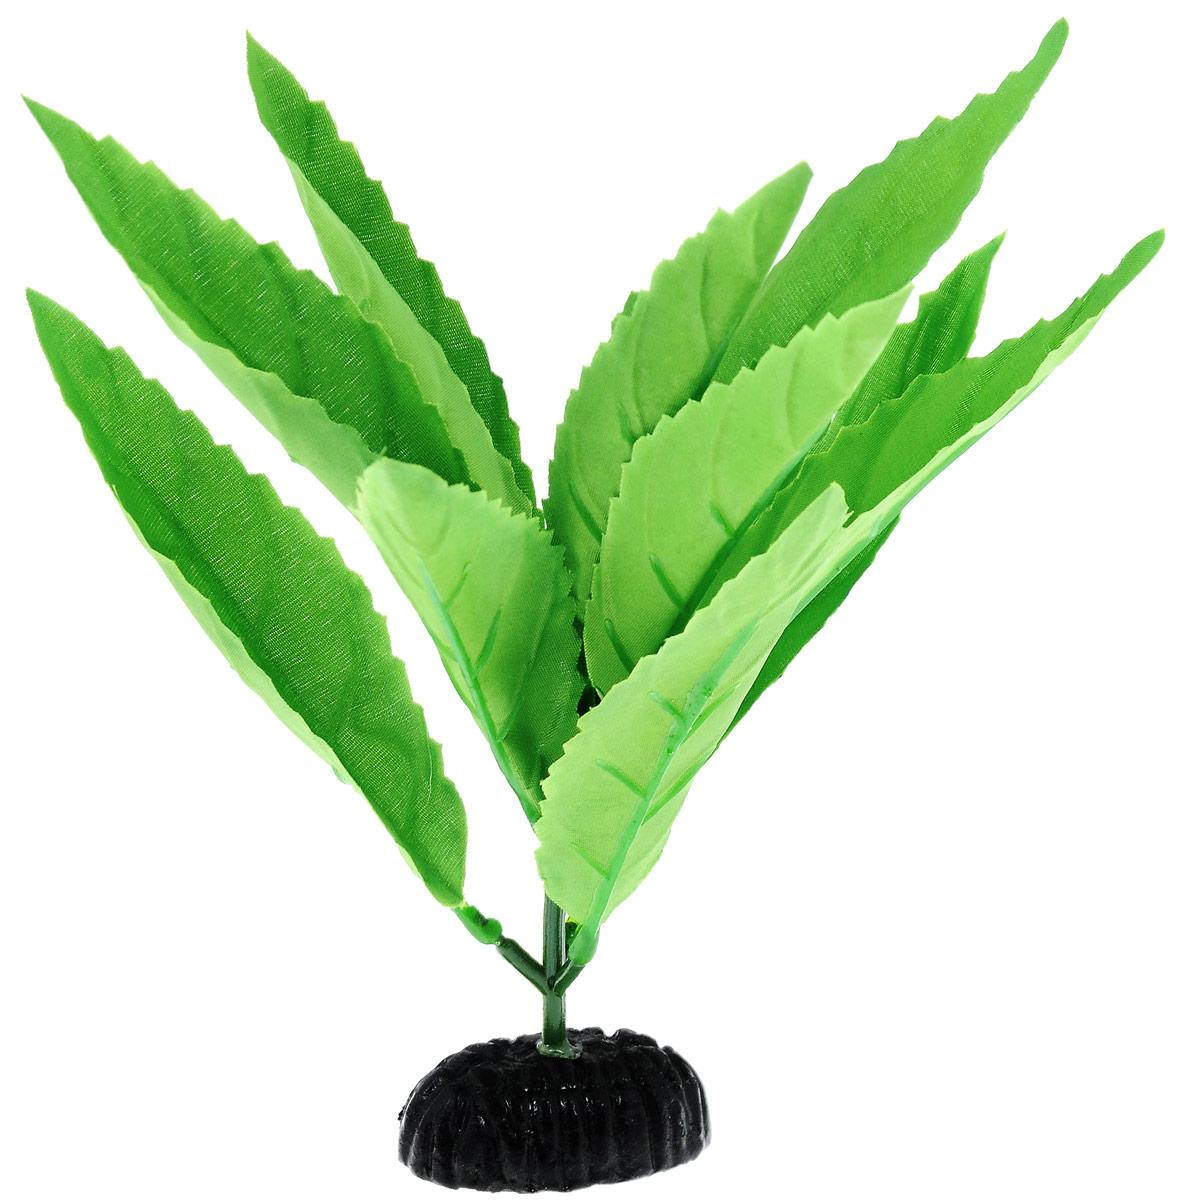 Растение для аквариума Barbus Гигрофила, шелковое, высота 20 смPlant 052/20Растение для аквариума Barbus Гигрофила, выполненное из высококачественного нетоксичного пластика и шелка, станет прекрасным украшением вашего аквариума. Шелковое растение идеально подходит для дизайна всех видов аквариумов. В воде происходит абсолютная имитация живых растений. Изделие не требует дополнительного ухода и просто в применении. Растение абсолютно безопасно, нейтрально к водному балансу, устойчиво к истиранию краски, подходит как для пресноводного, так и для морского аквариума. Растение для аквариума Barbus Гигрофила поможет вам смоделировать потрясающий пейзаж на дне вашего аквариума или террариума.